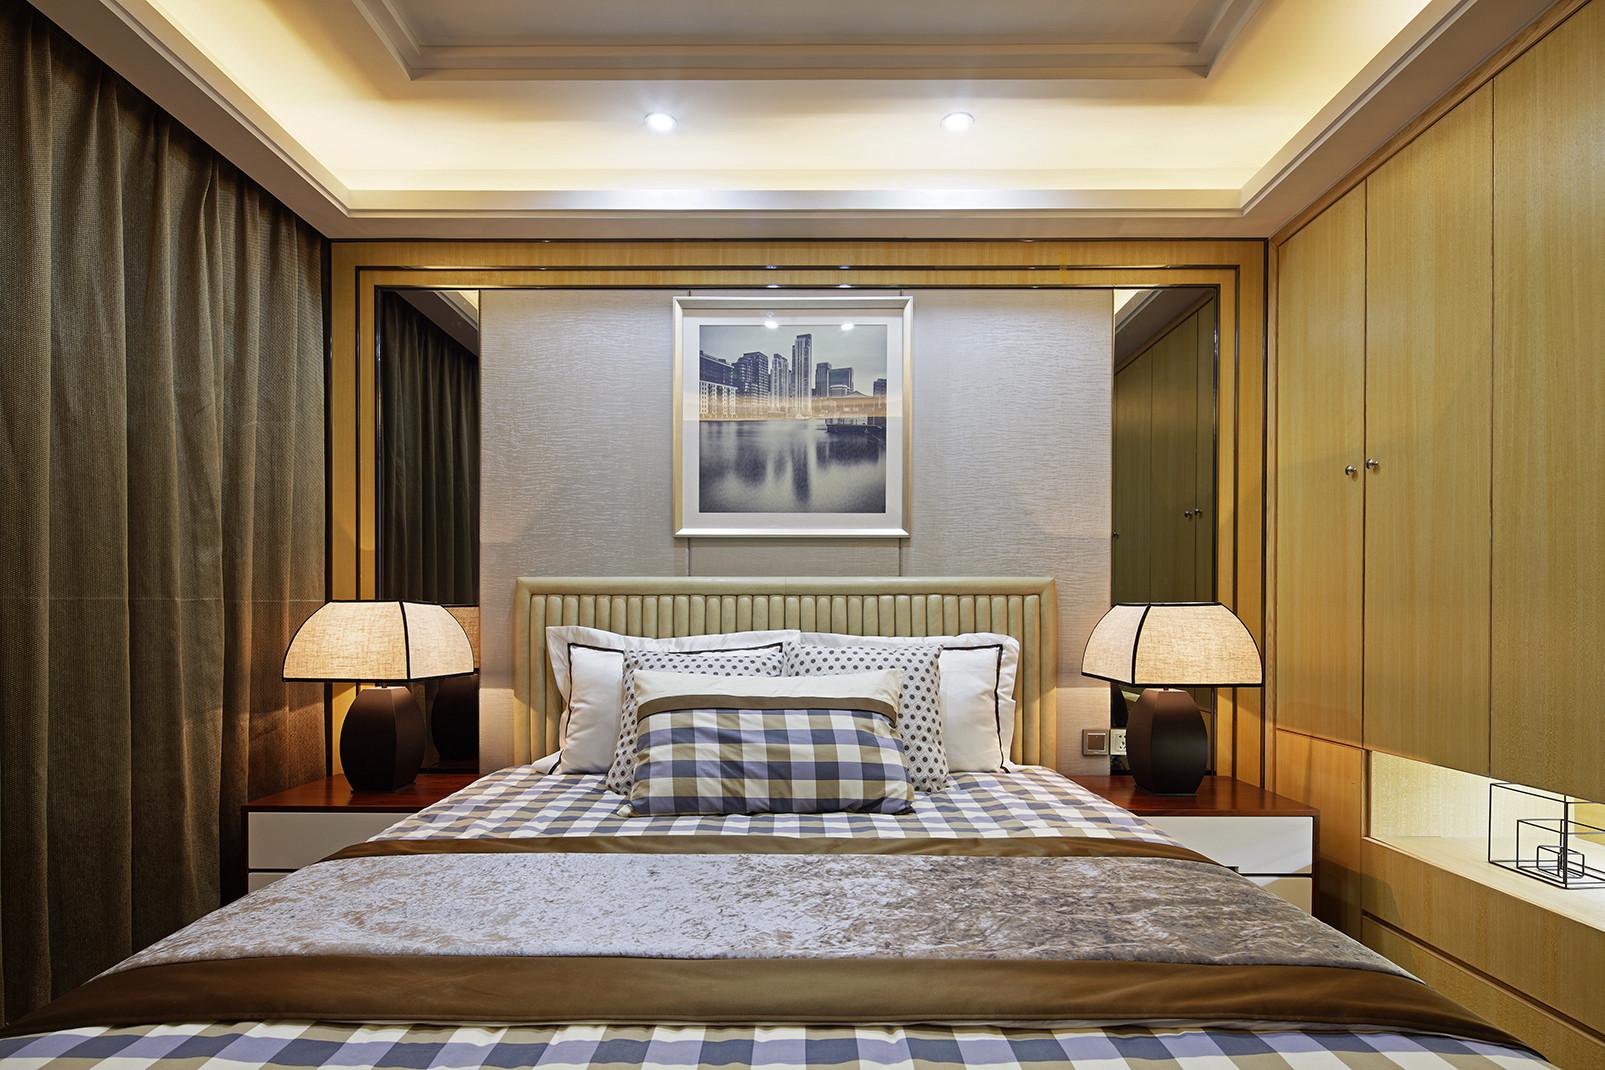 现代时尚三居床头背景墙图片